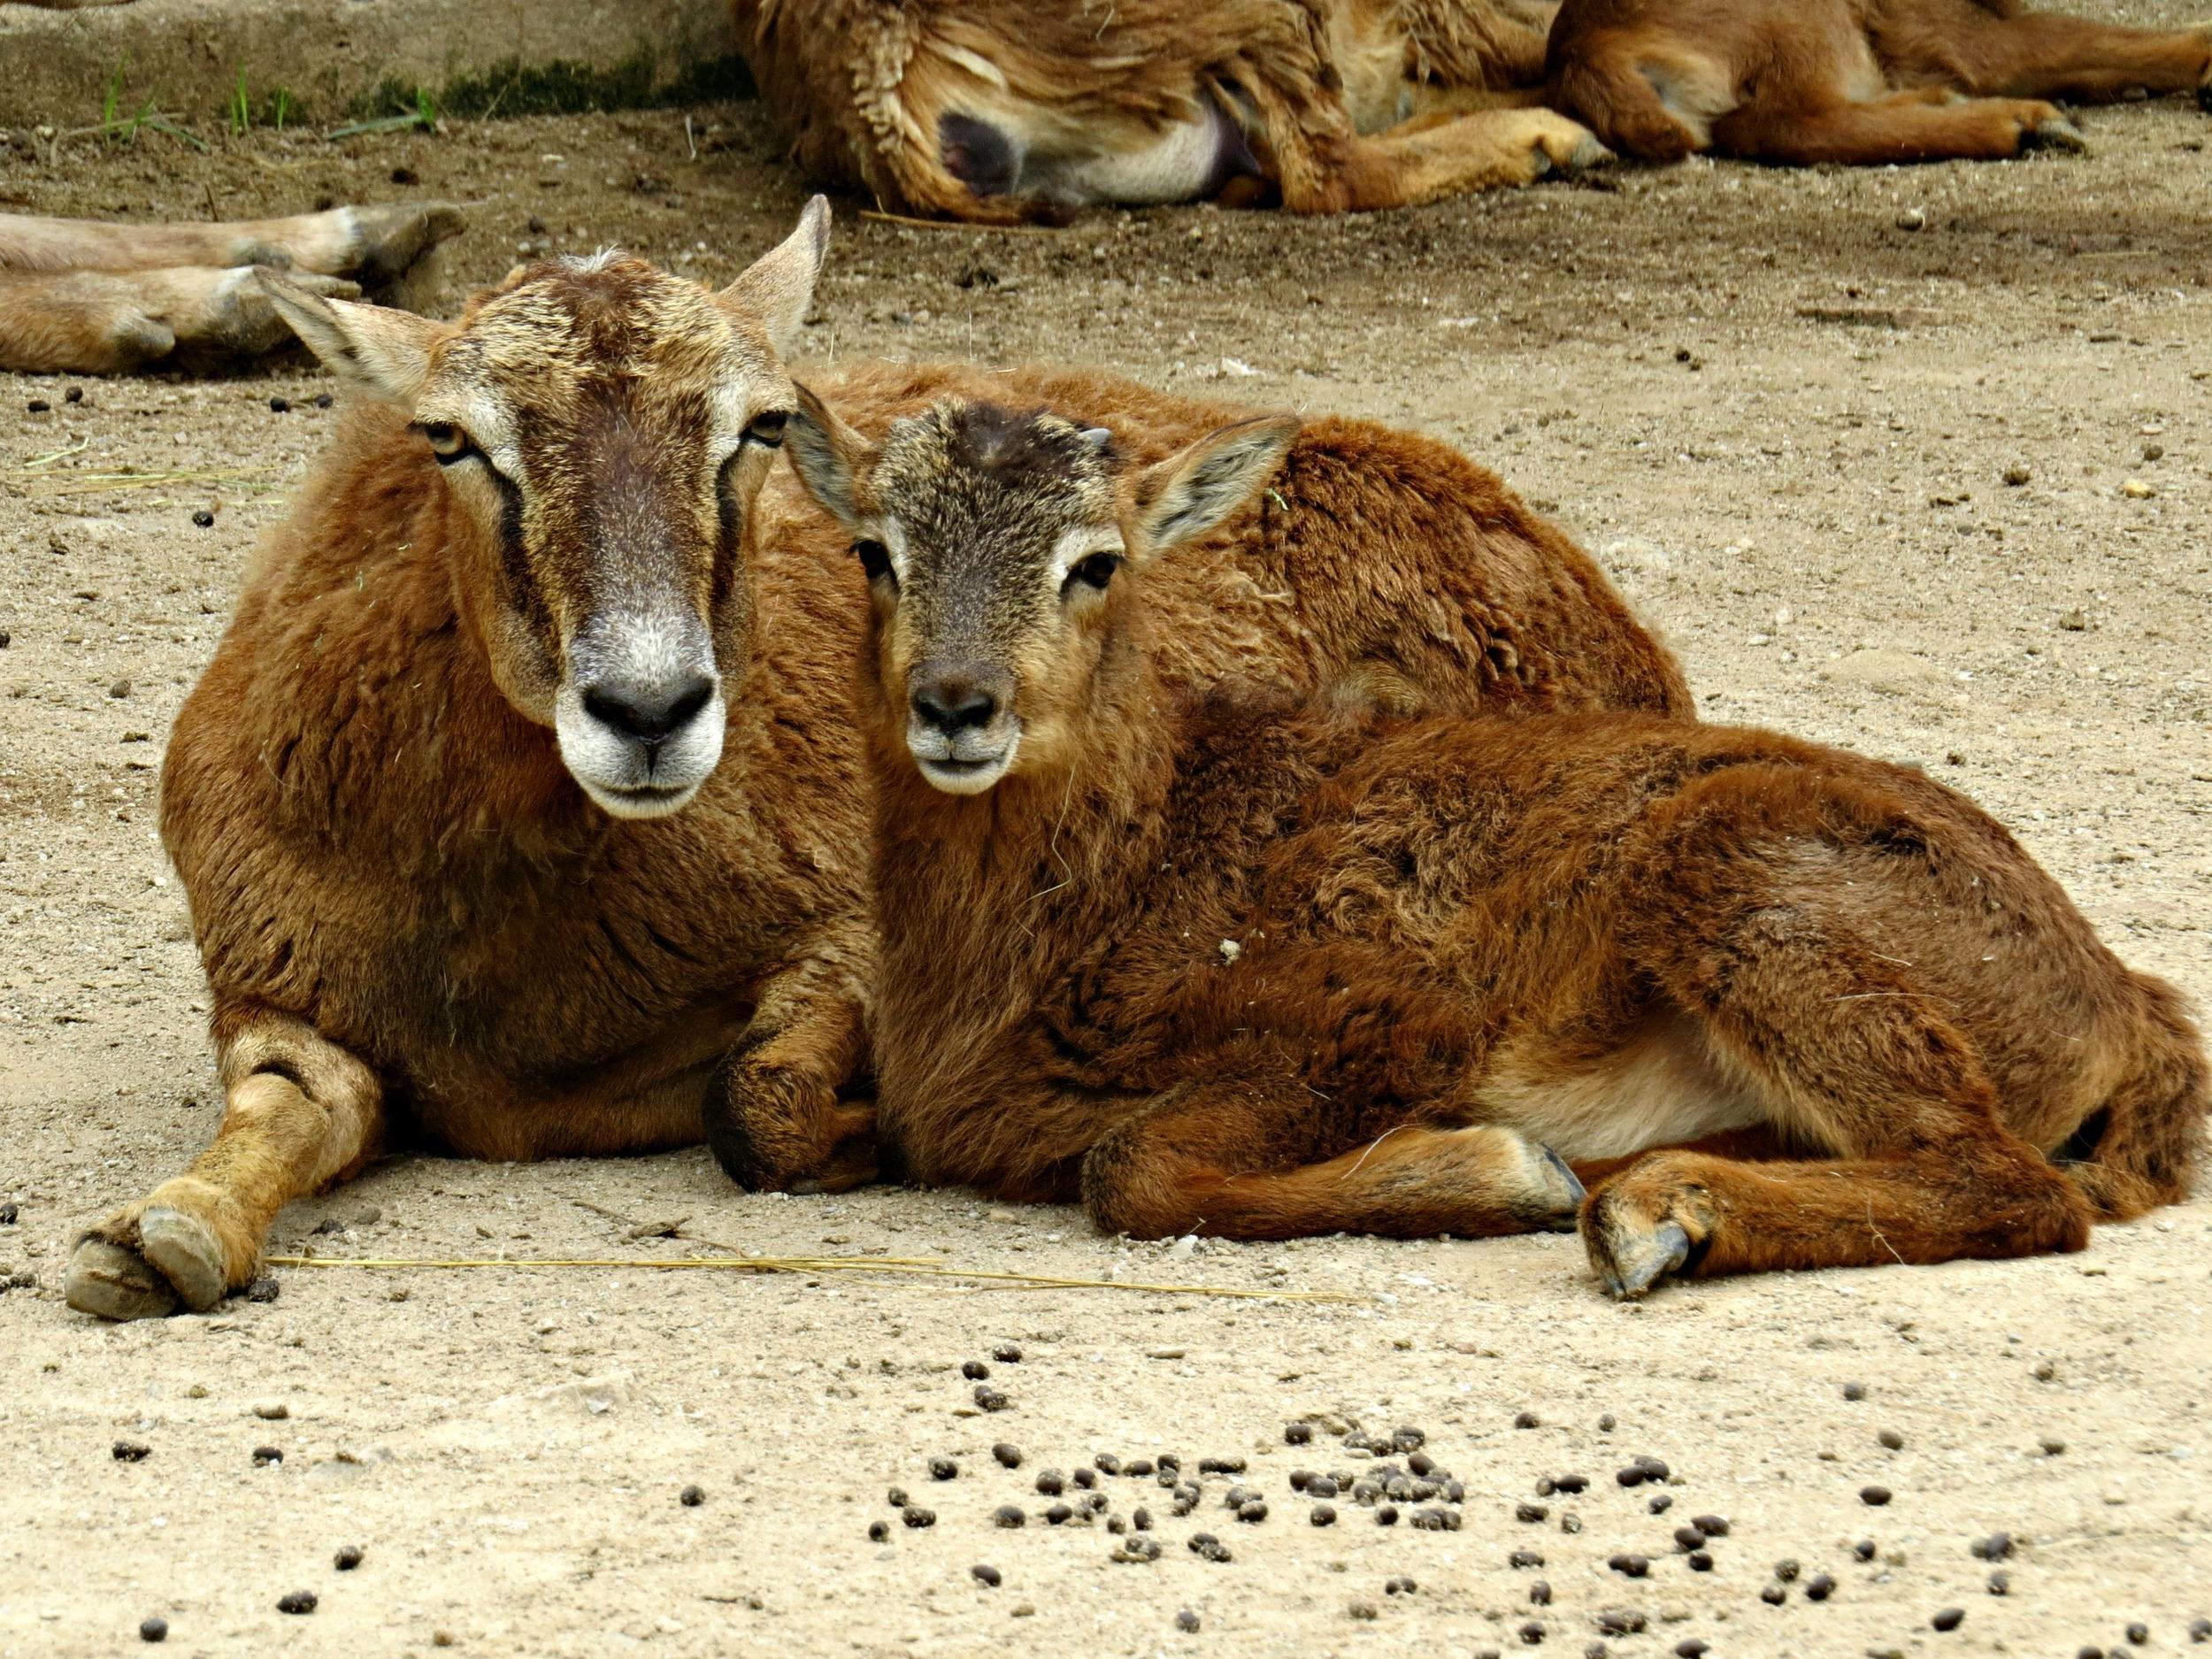 Mouflon (wild sheep) ewe and baby